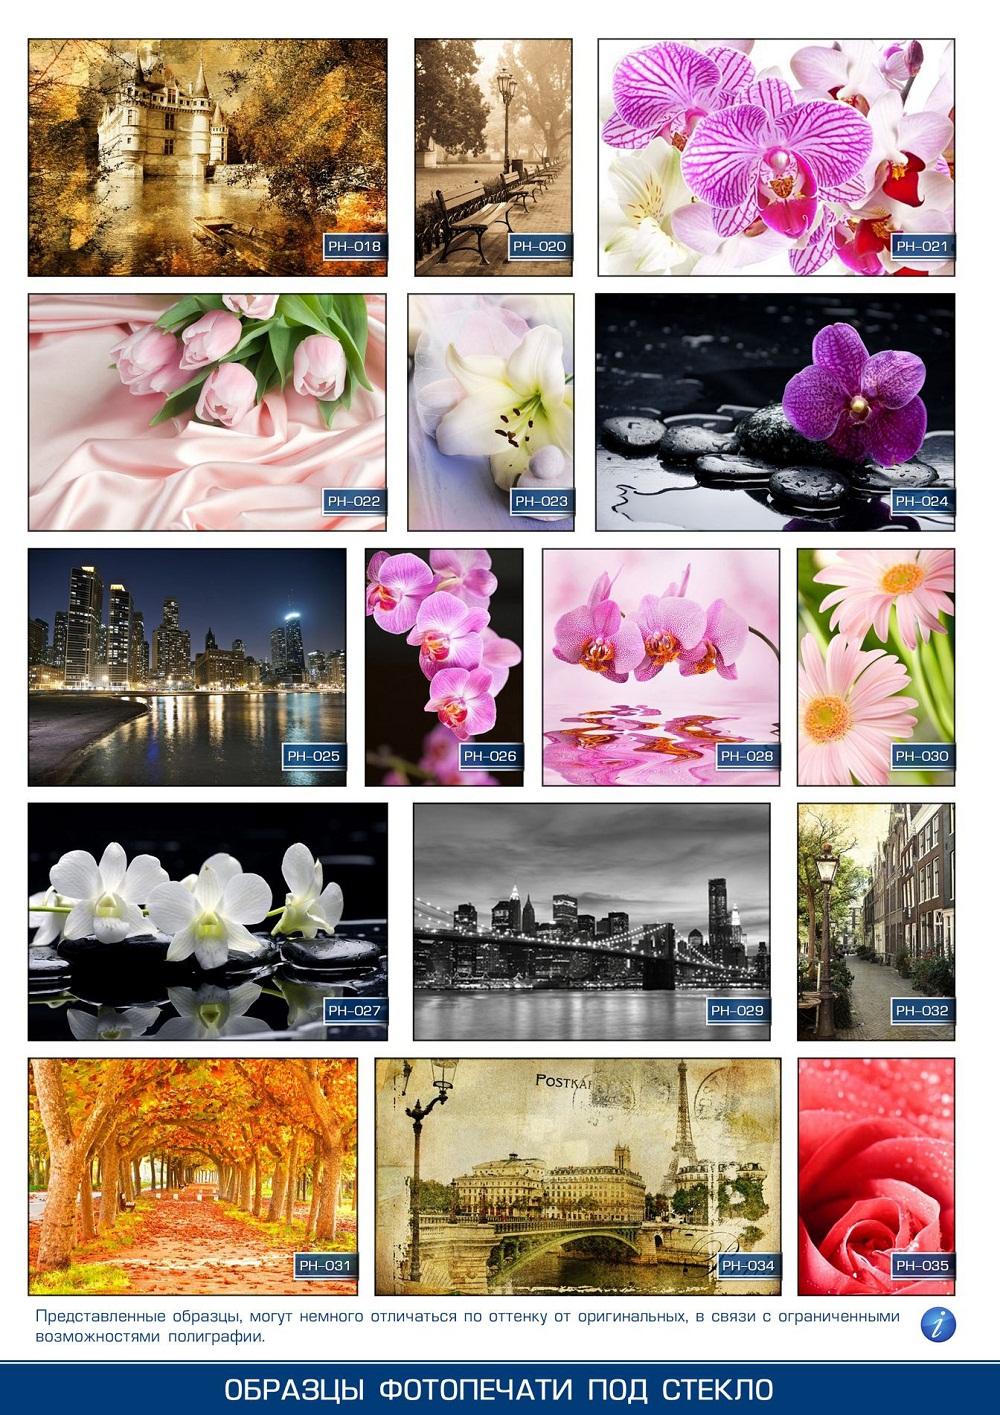 Фотопечать каталог изображений в хорошем качестве